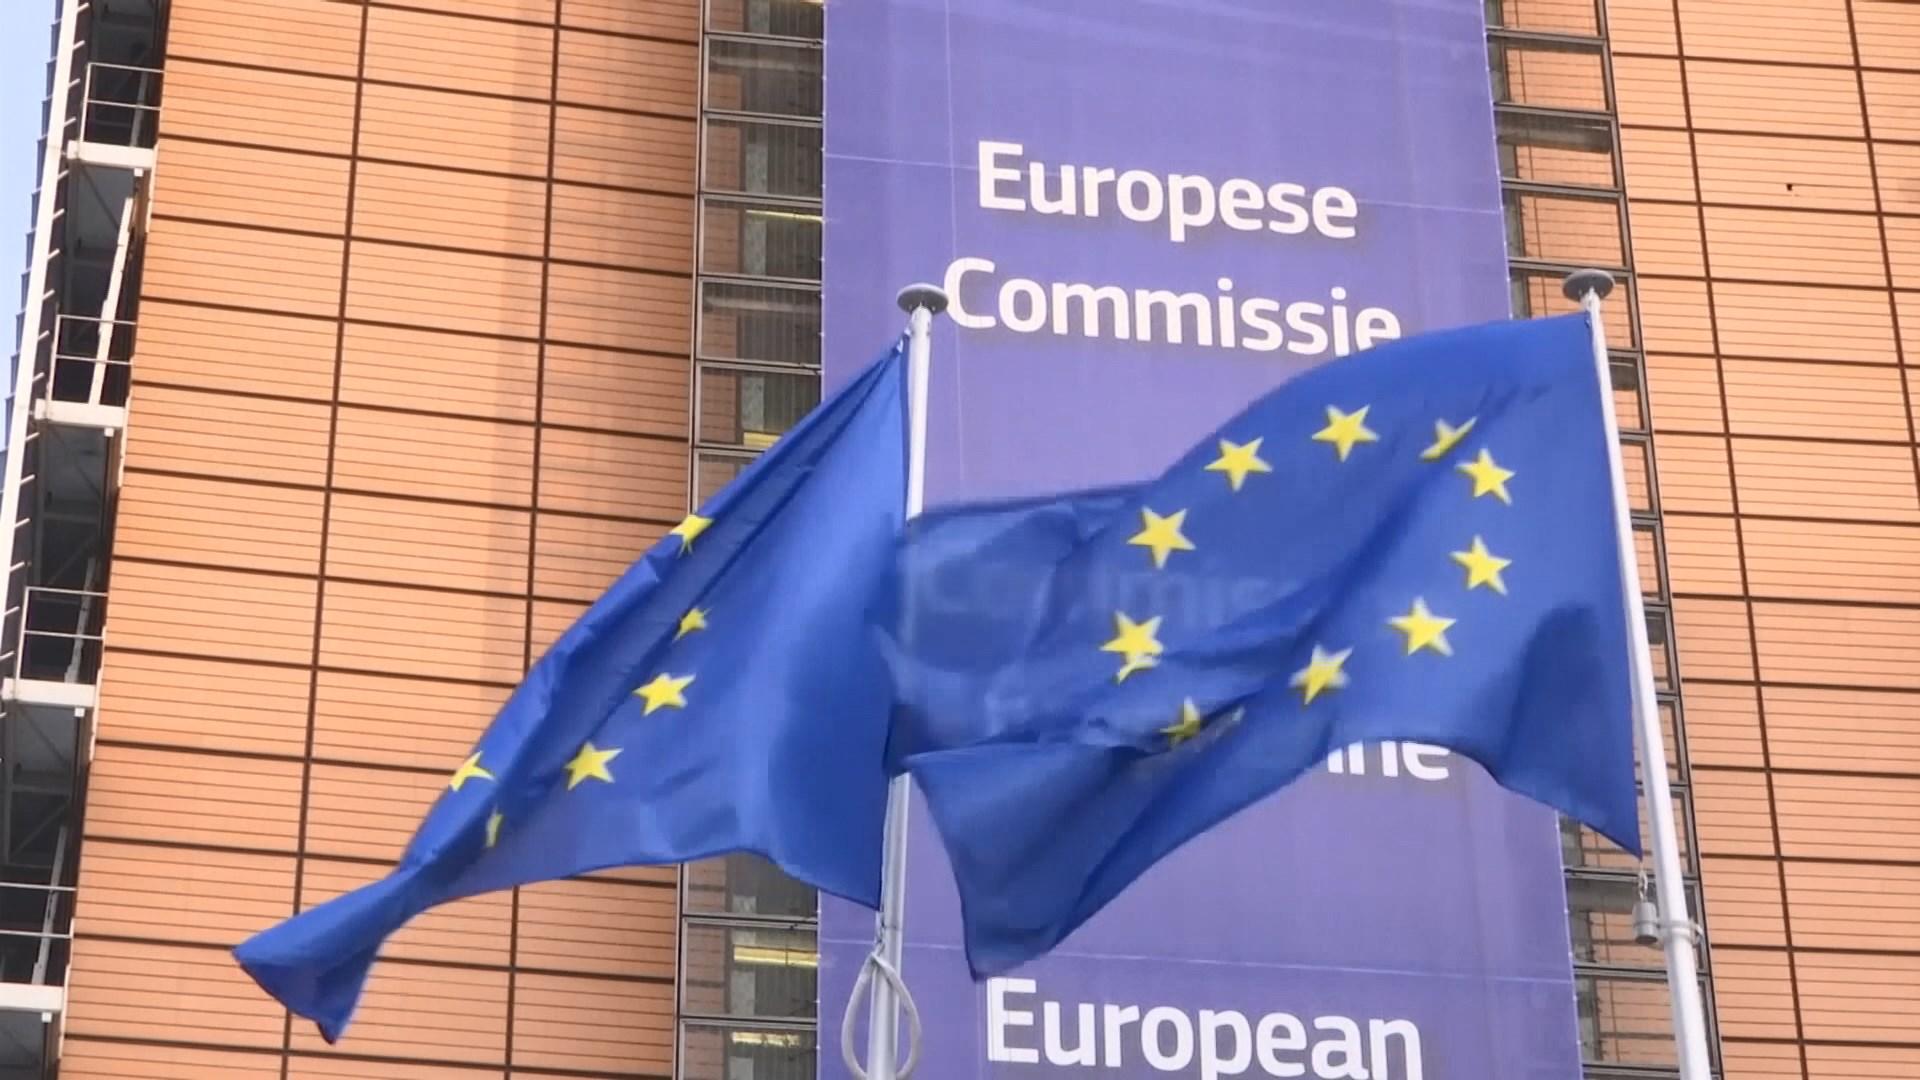 歐盟據報周三公布美國貨徵稅清單